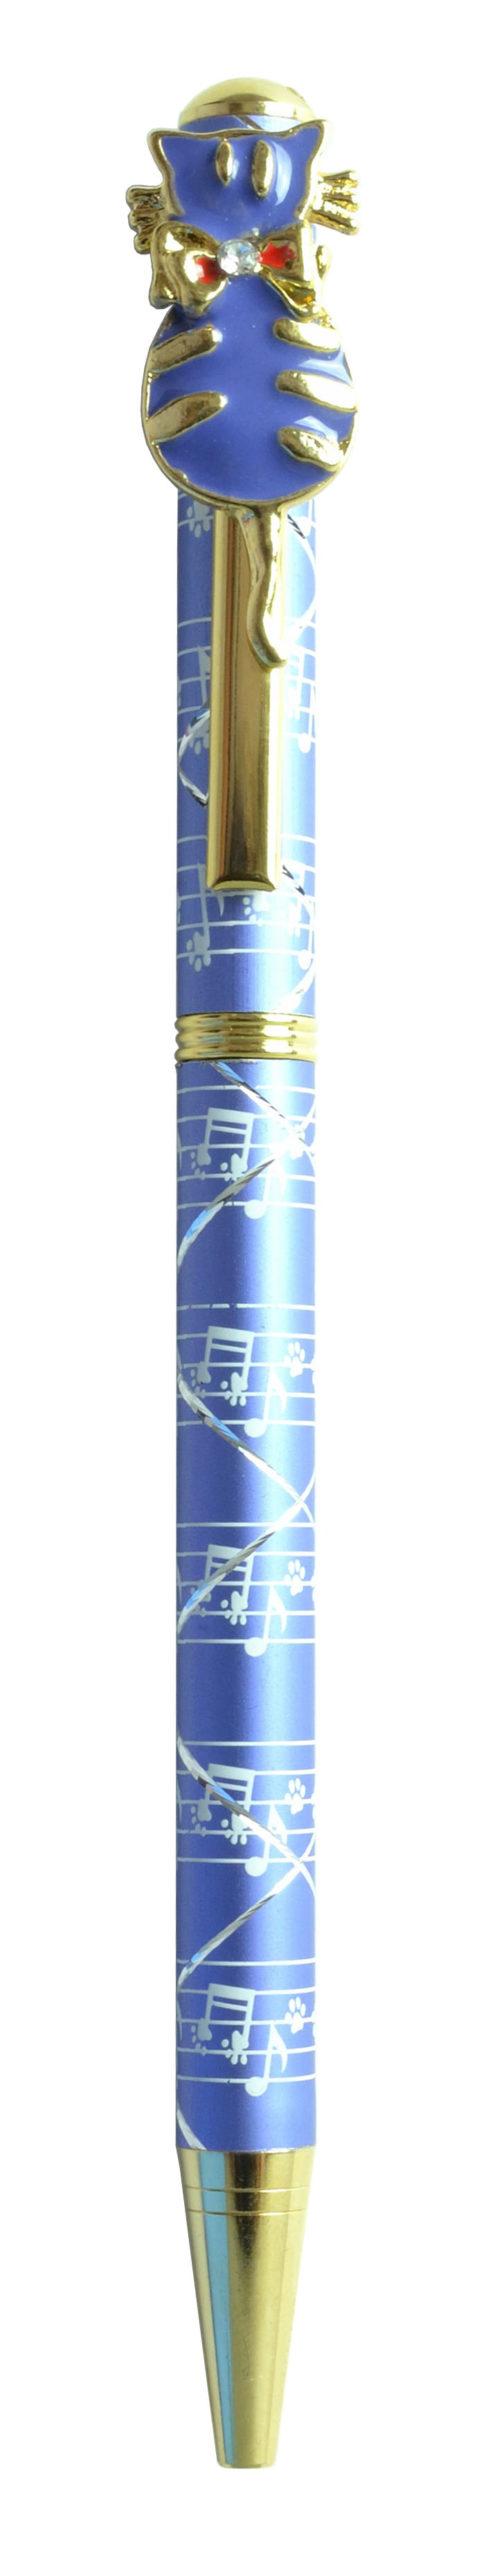 スワロフスキークリスタルボールペン ネコ6 パープル <br>No.65442